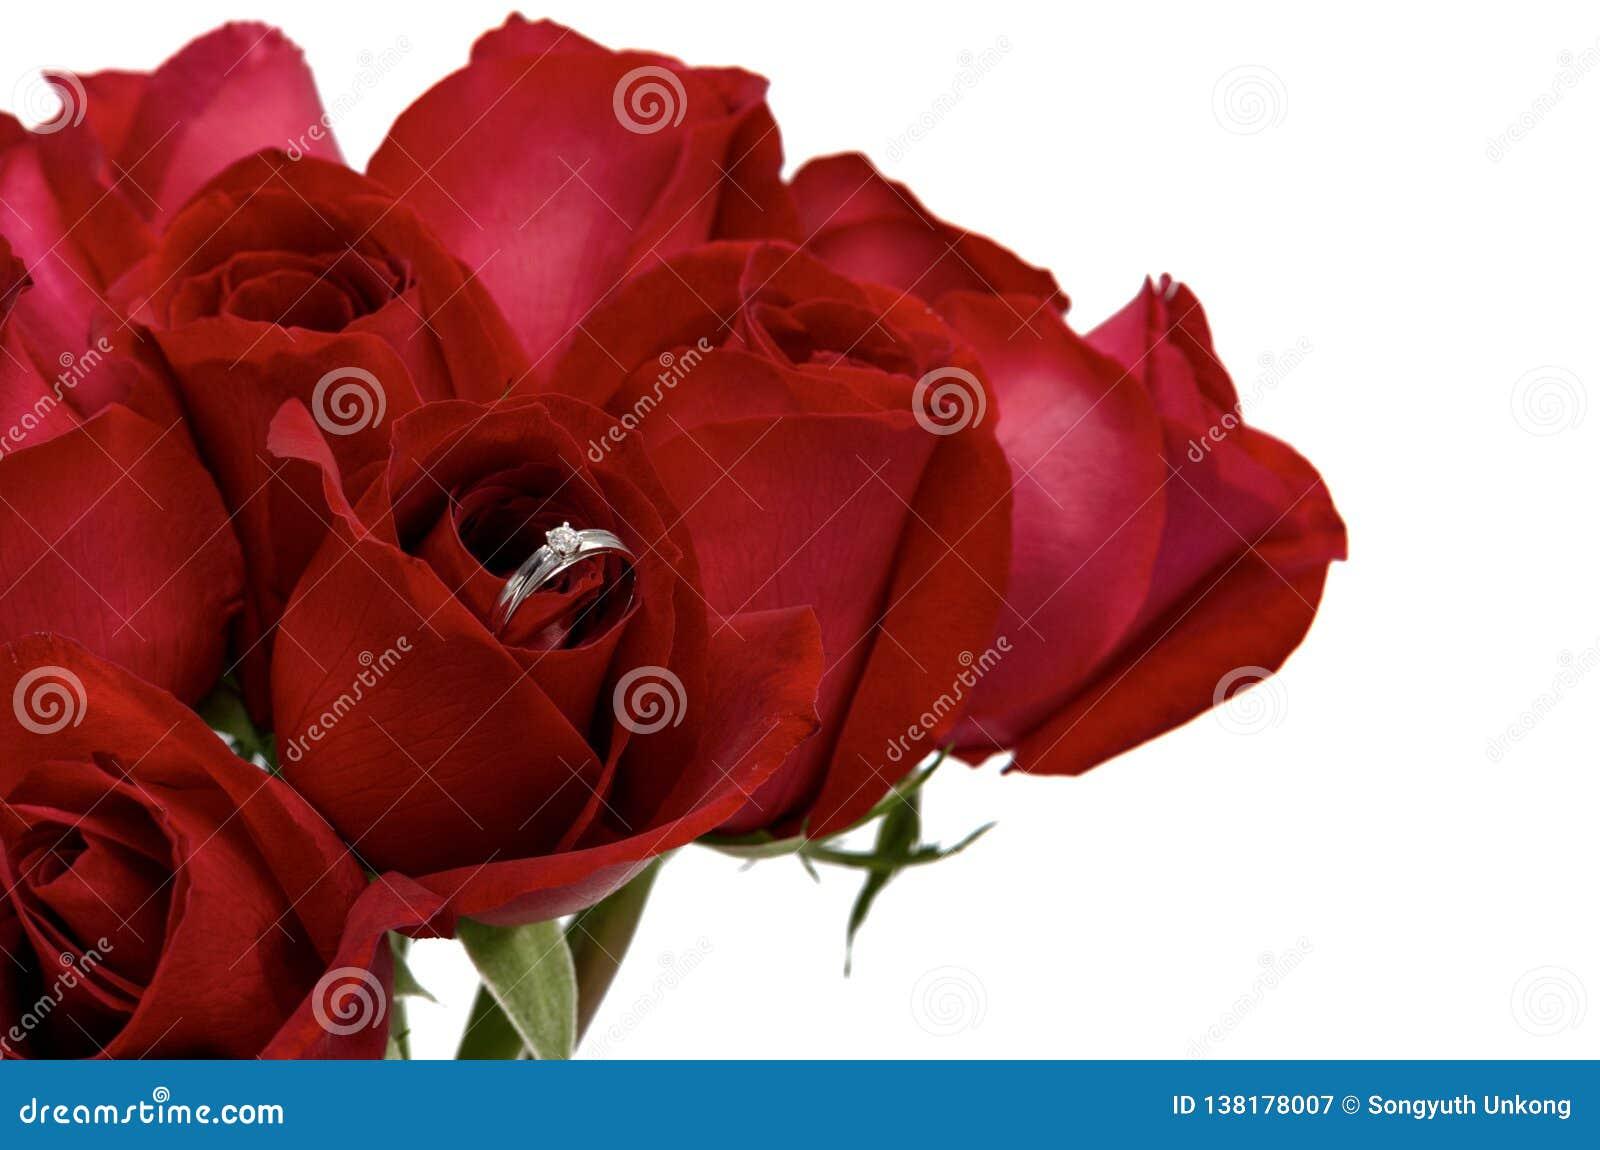 Verse bloei rode rozen die zilveren ring met diamant voor Valentine's-Dag hebben